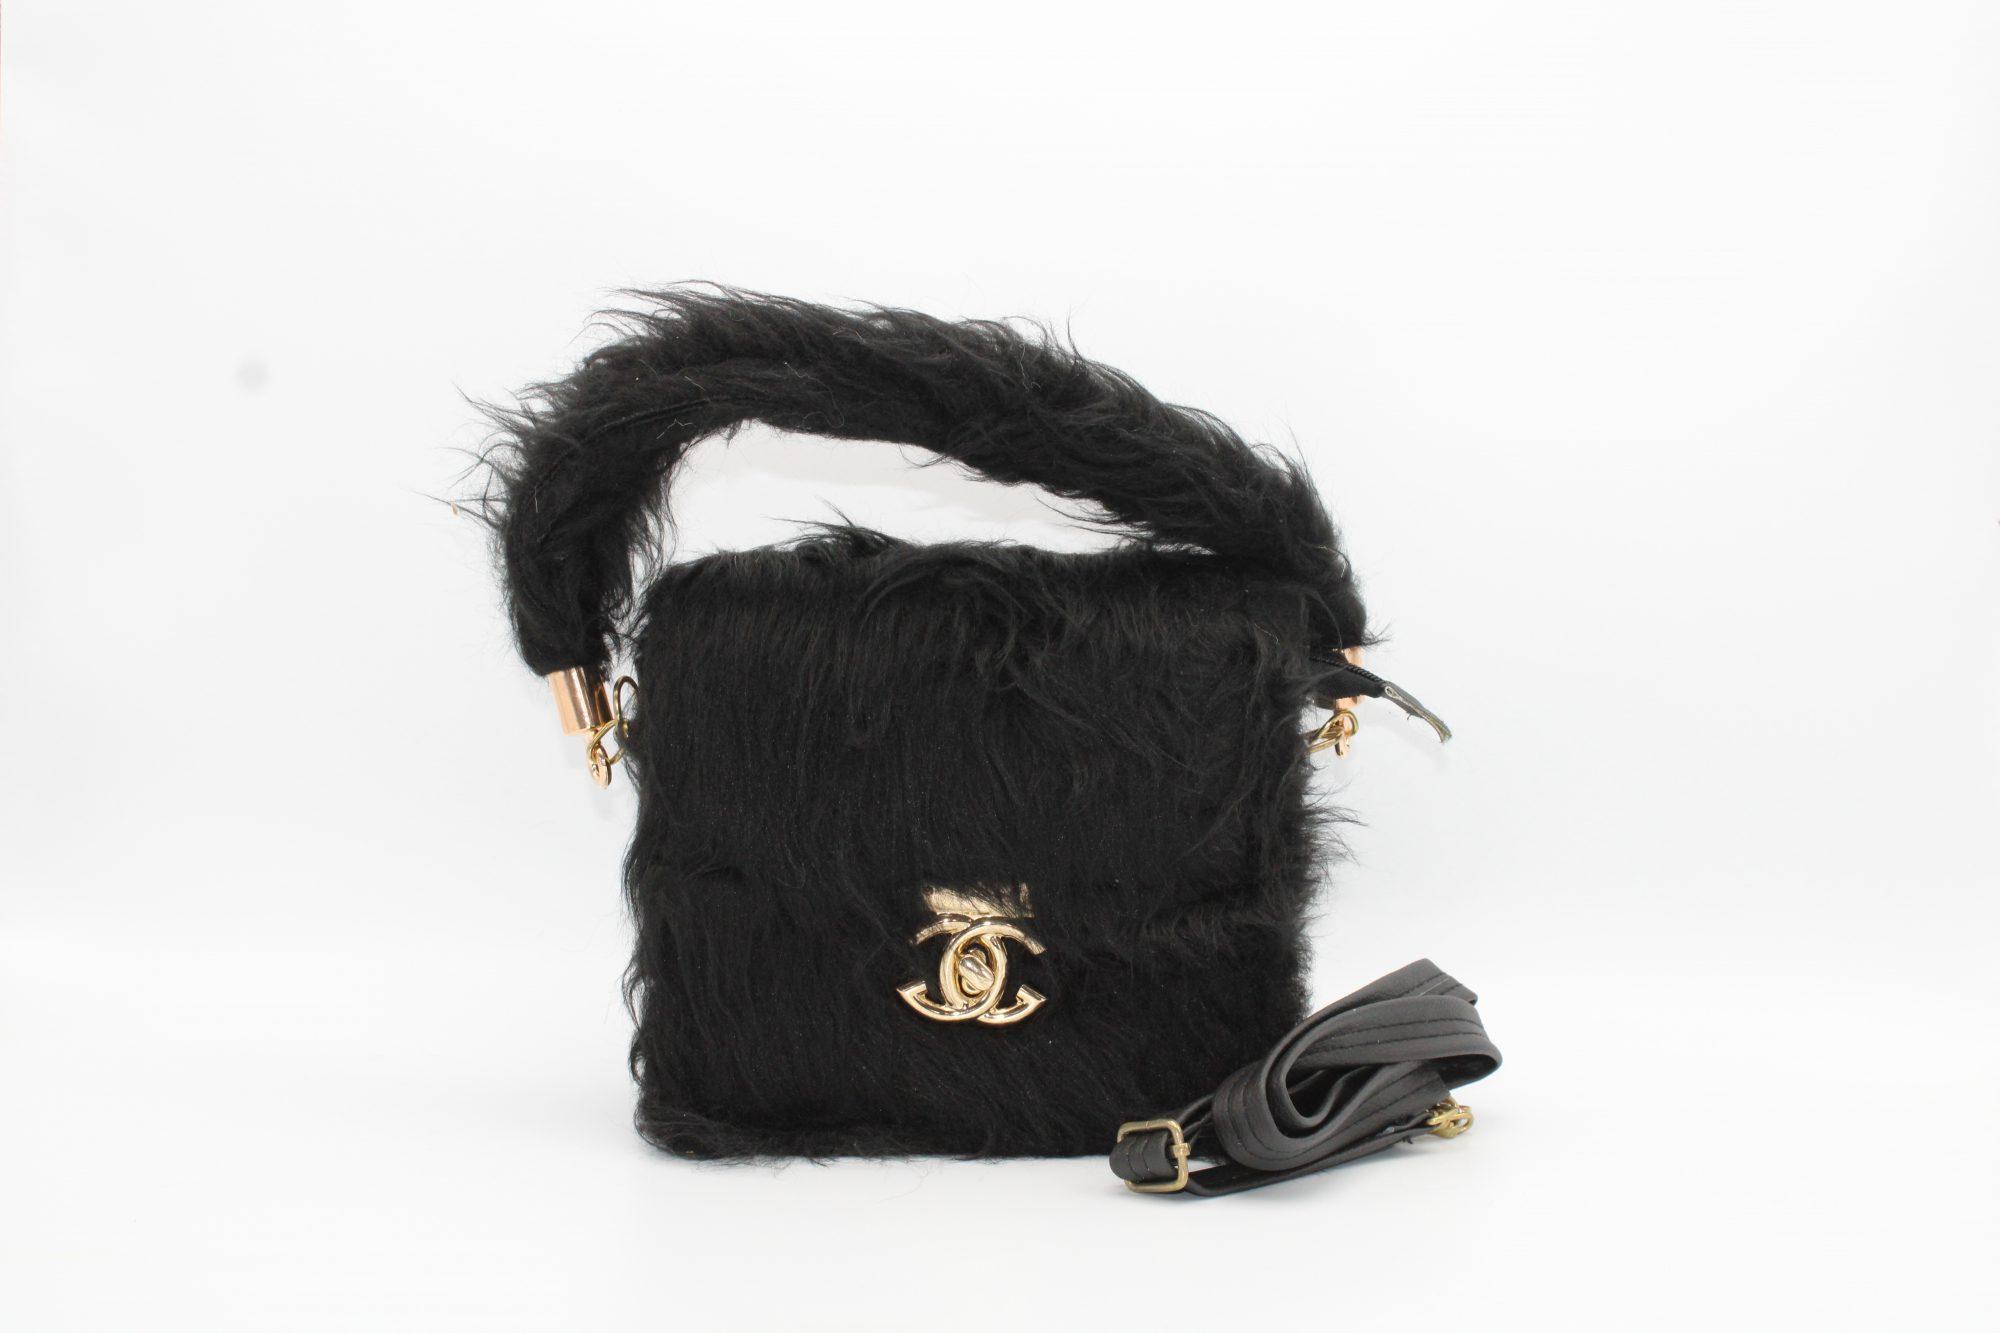 کیف دوشی و دستی زنانه